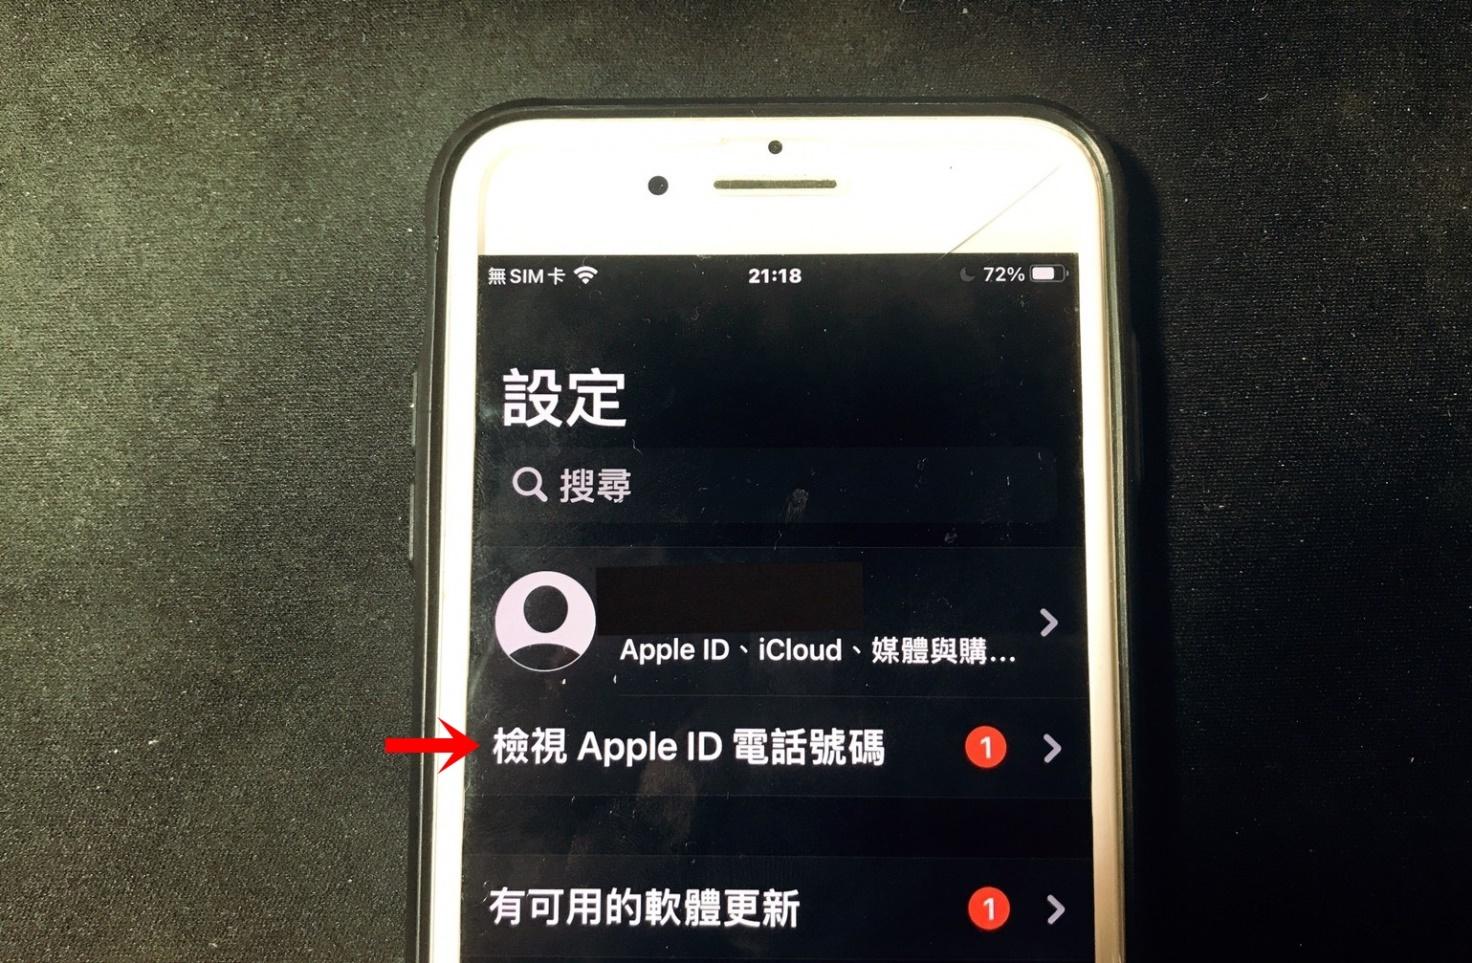 【手機專知】iPhone如何更改Apple ID的姓名/電話號碼/電子郵件?